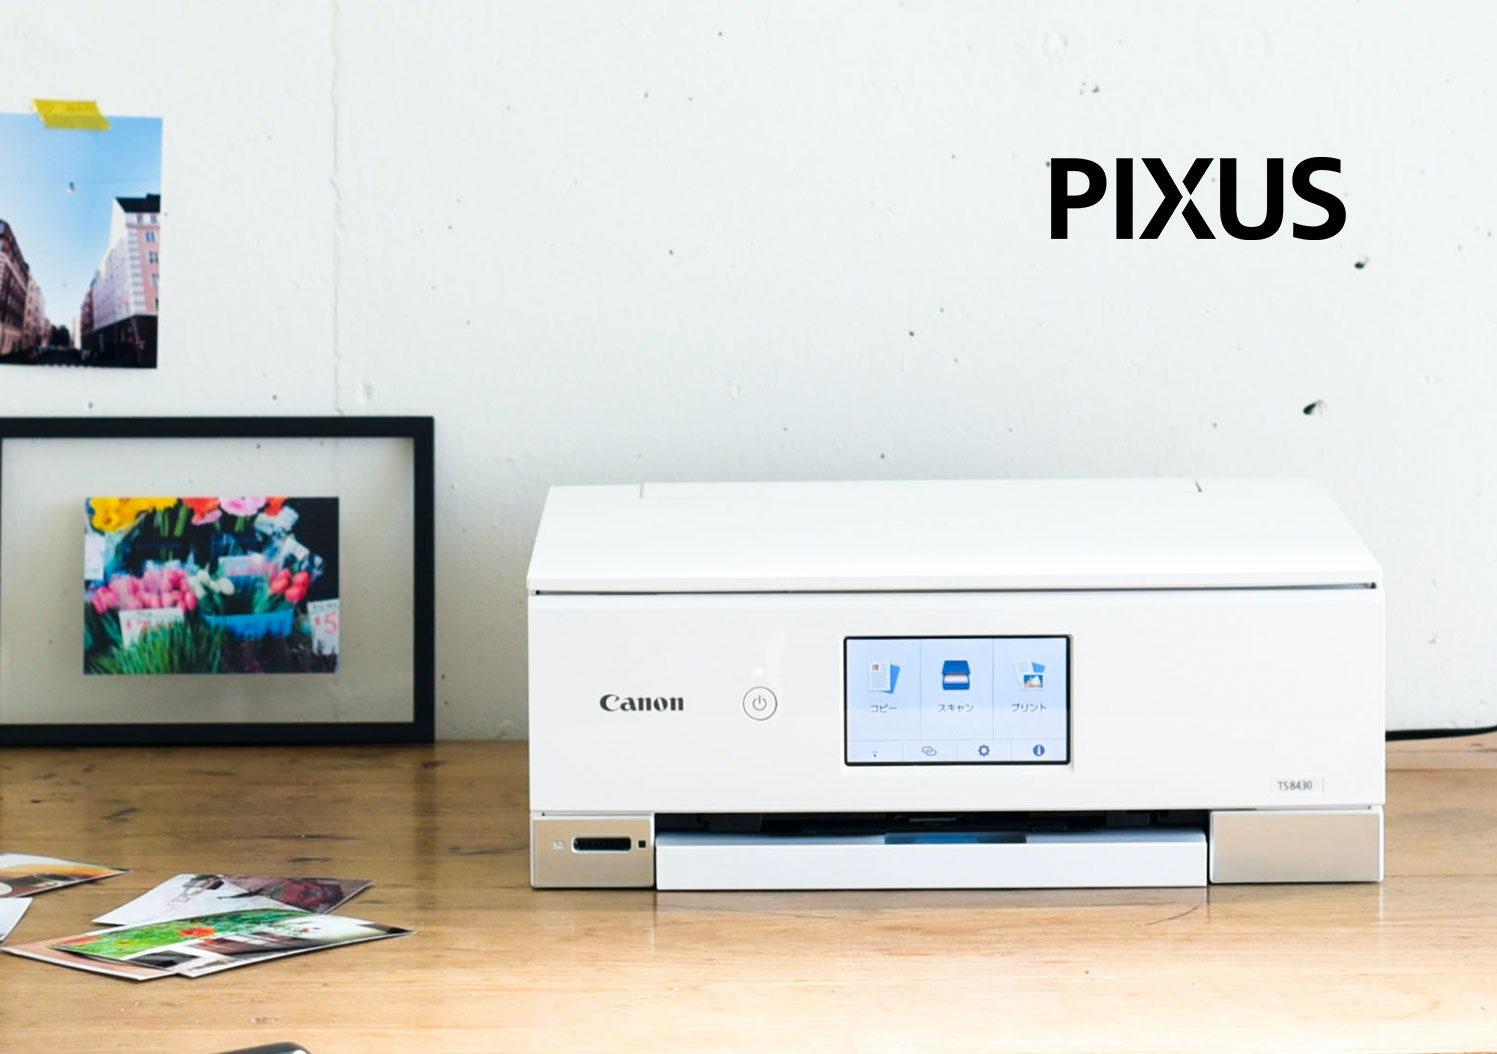 キヤノン インクジェットプリンター / PIXUS TS8430 / スペシャルキットの画像